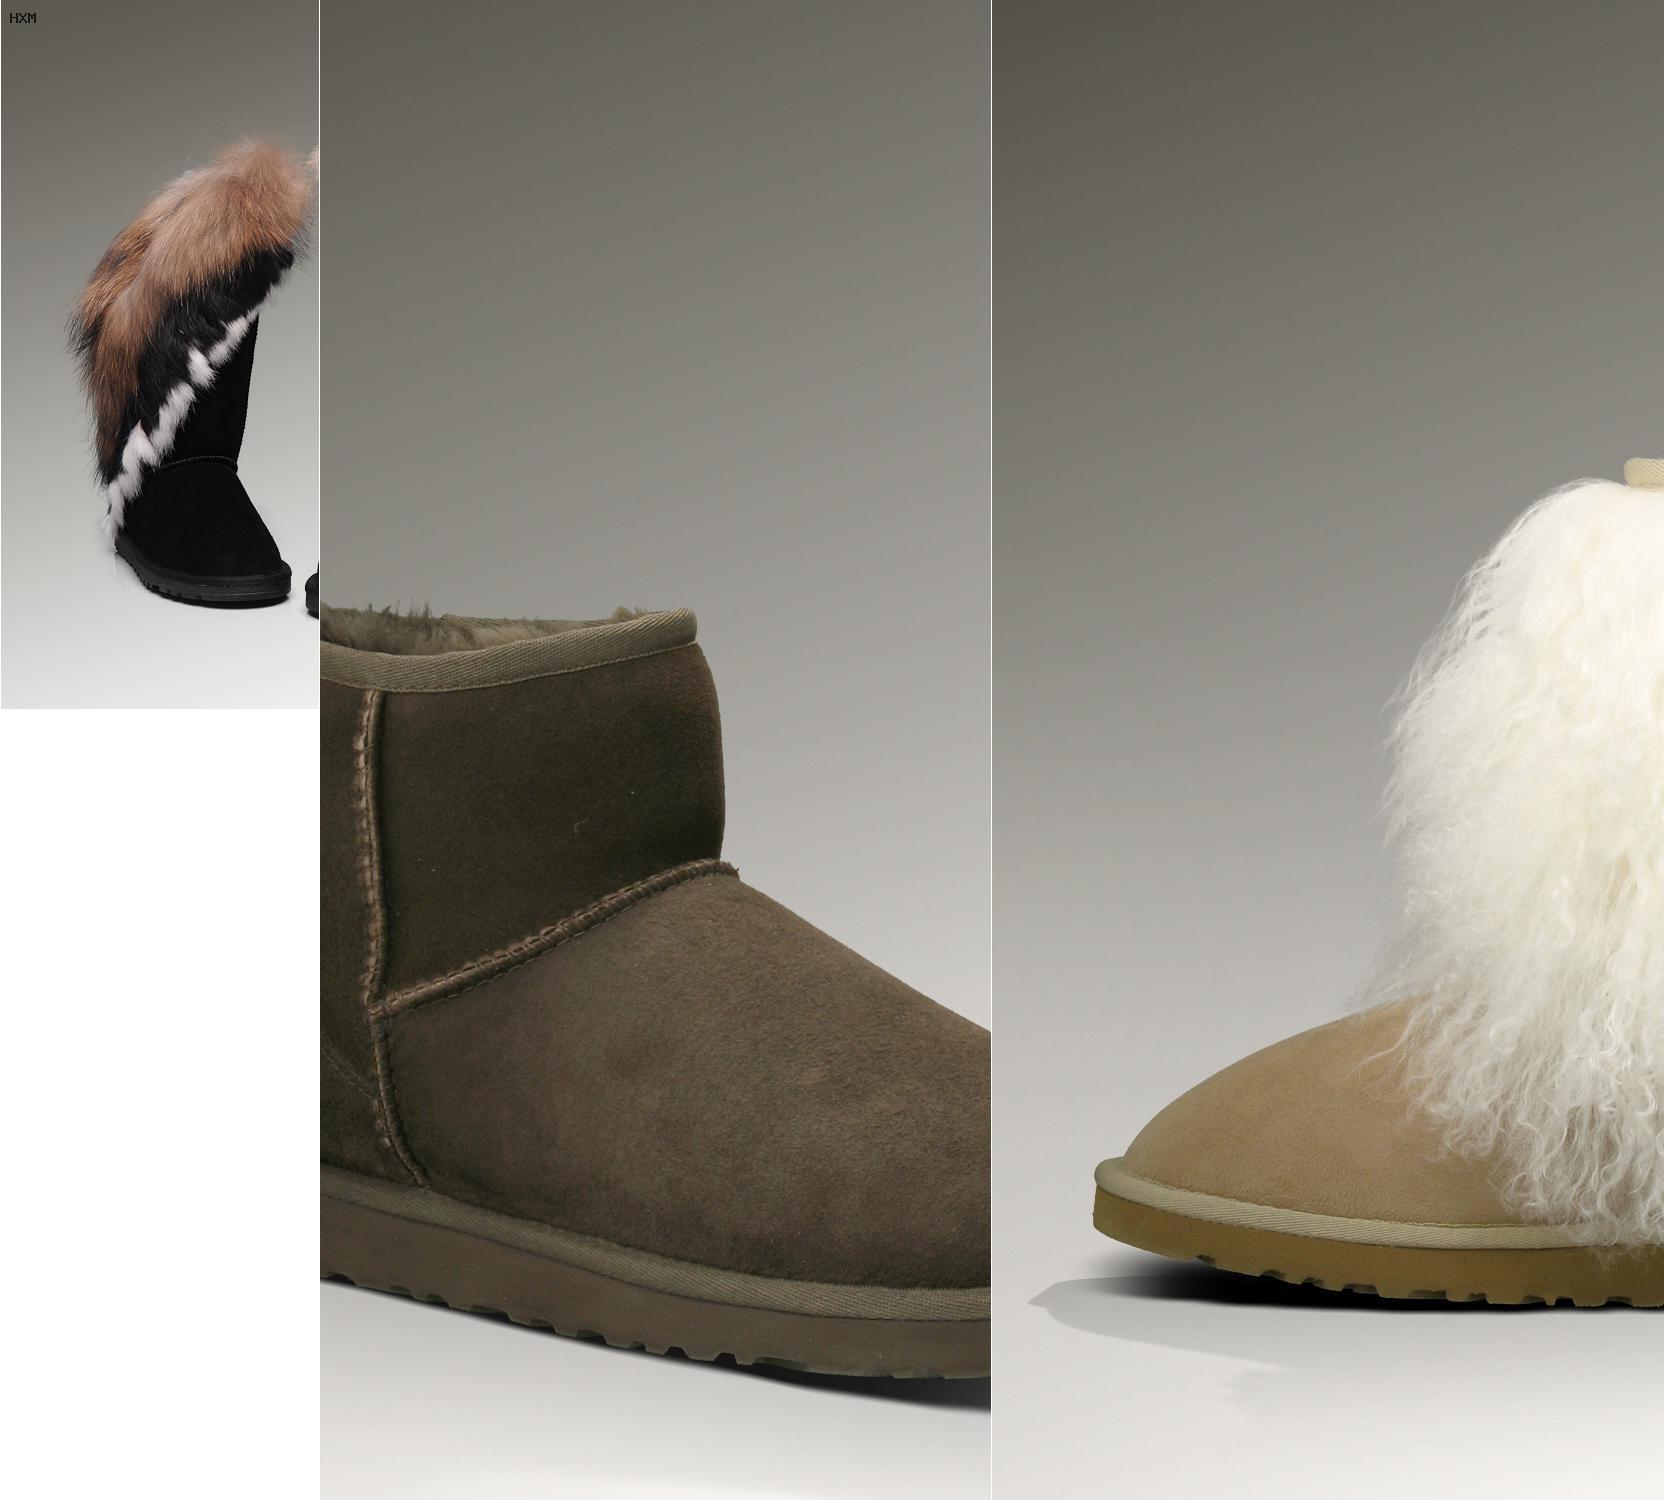 las botas ugg sirven para la nieve